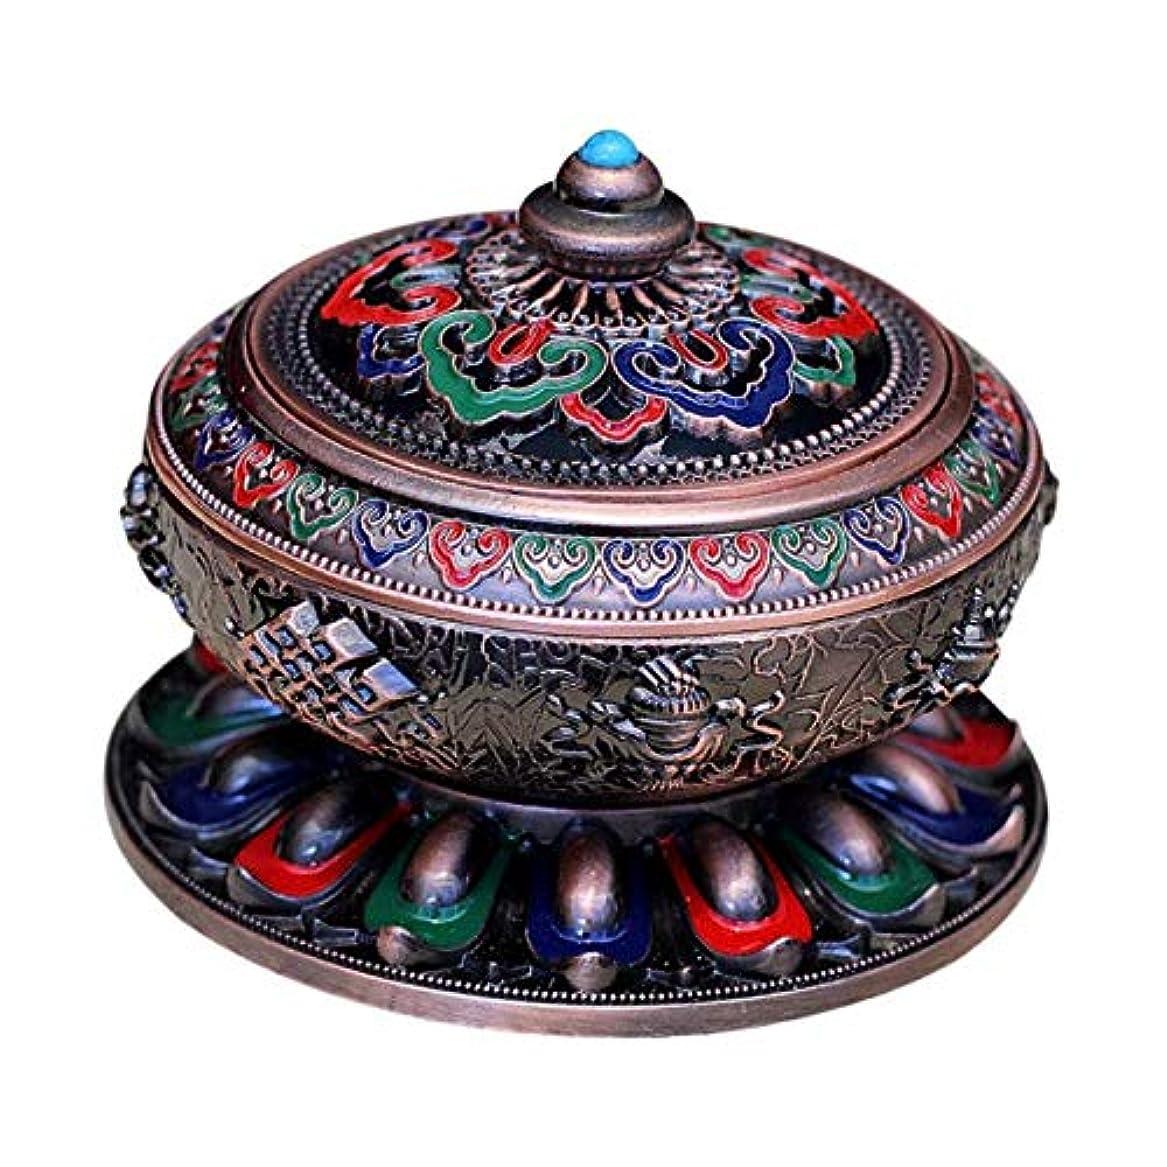 通知どちらかあさり香炉 アンティーク 仏教 コーン 香りバーナー 丸香炉 癒しグッズ 琺瑯工芸 全3色 - 赤